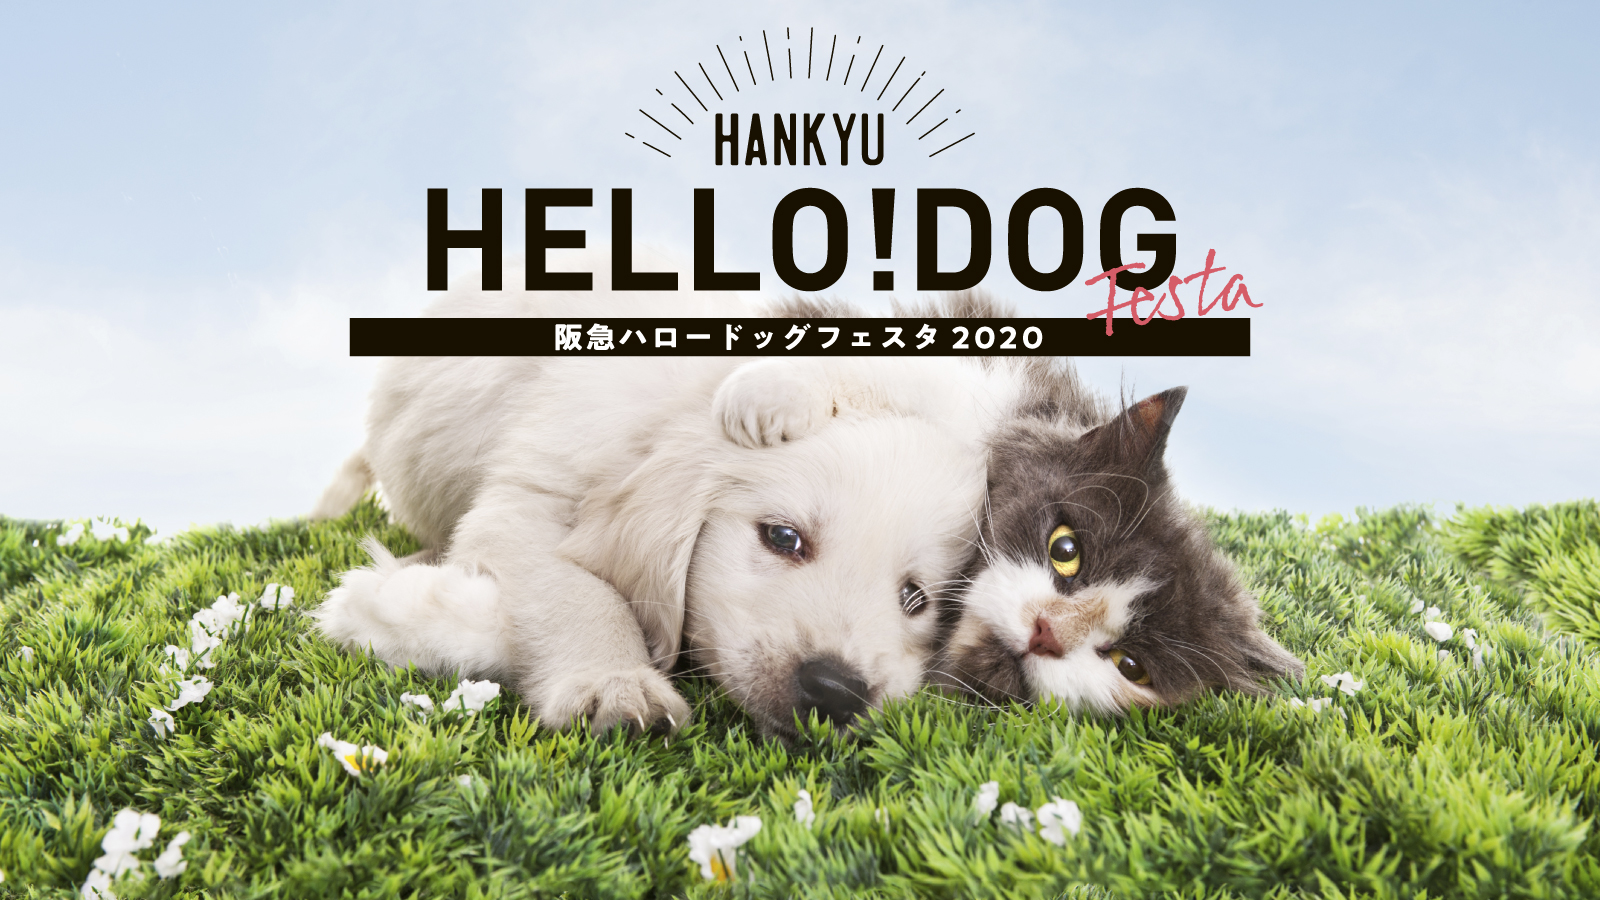 2020/02/22~24 宝塚 ヘルスケアイベントのお知らせ